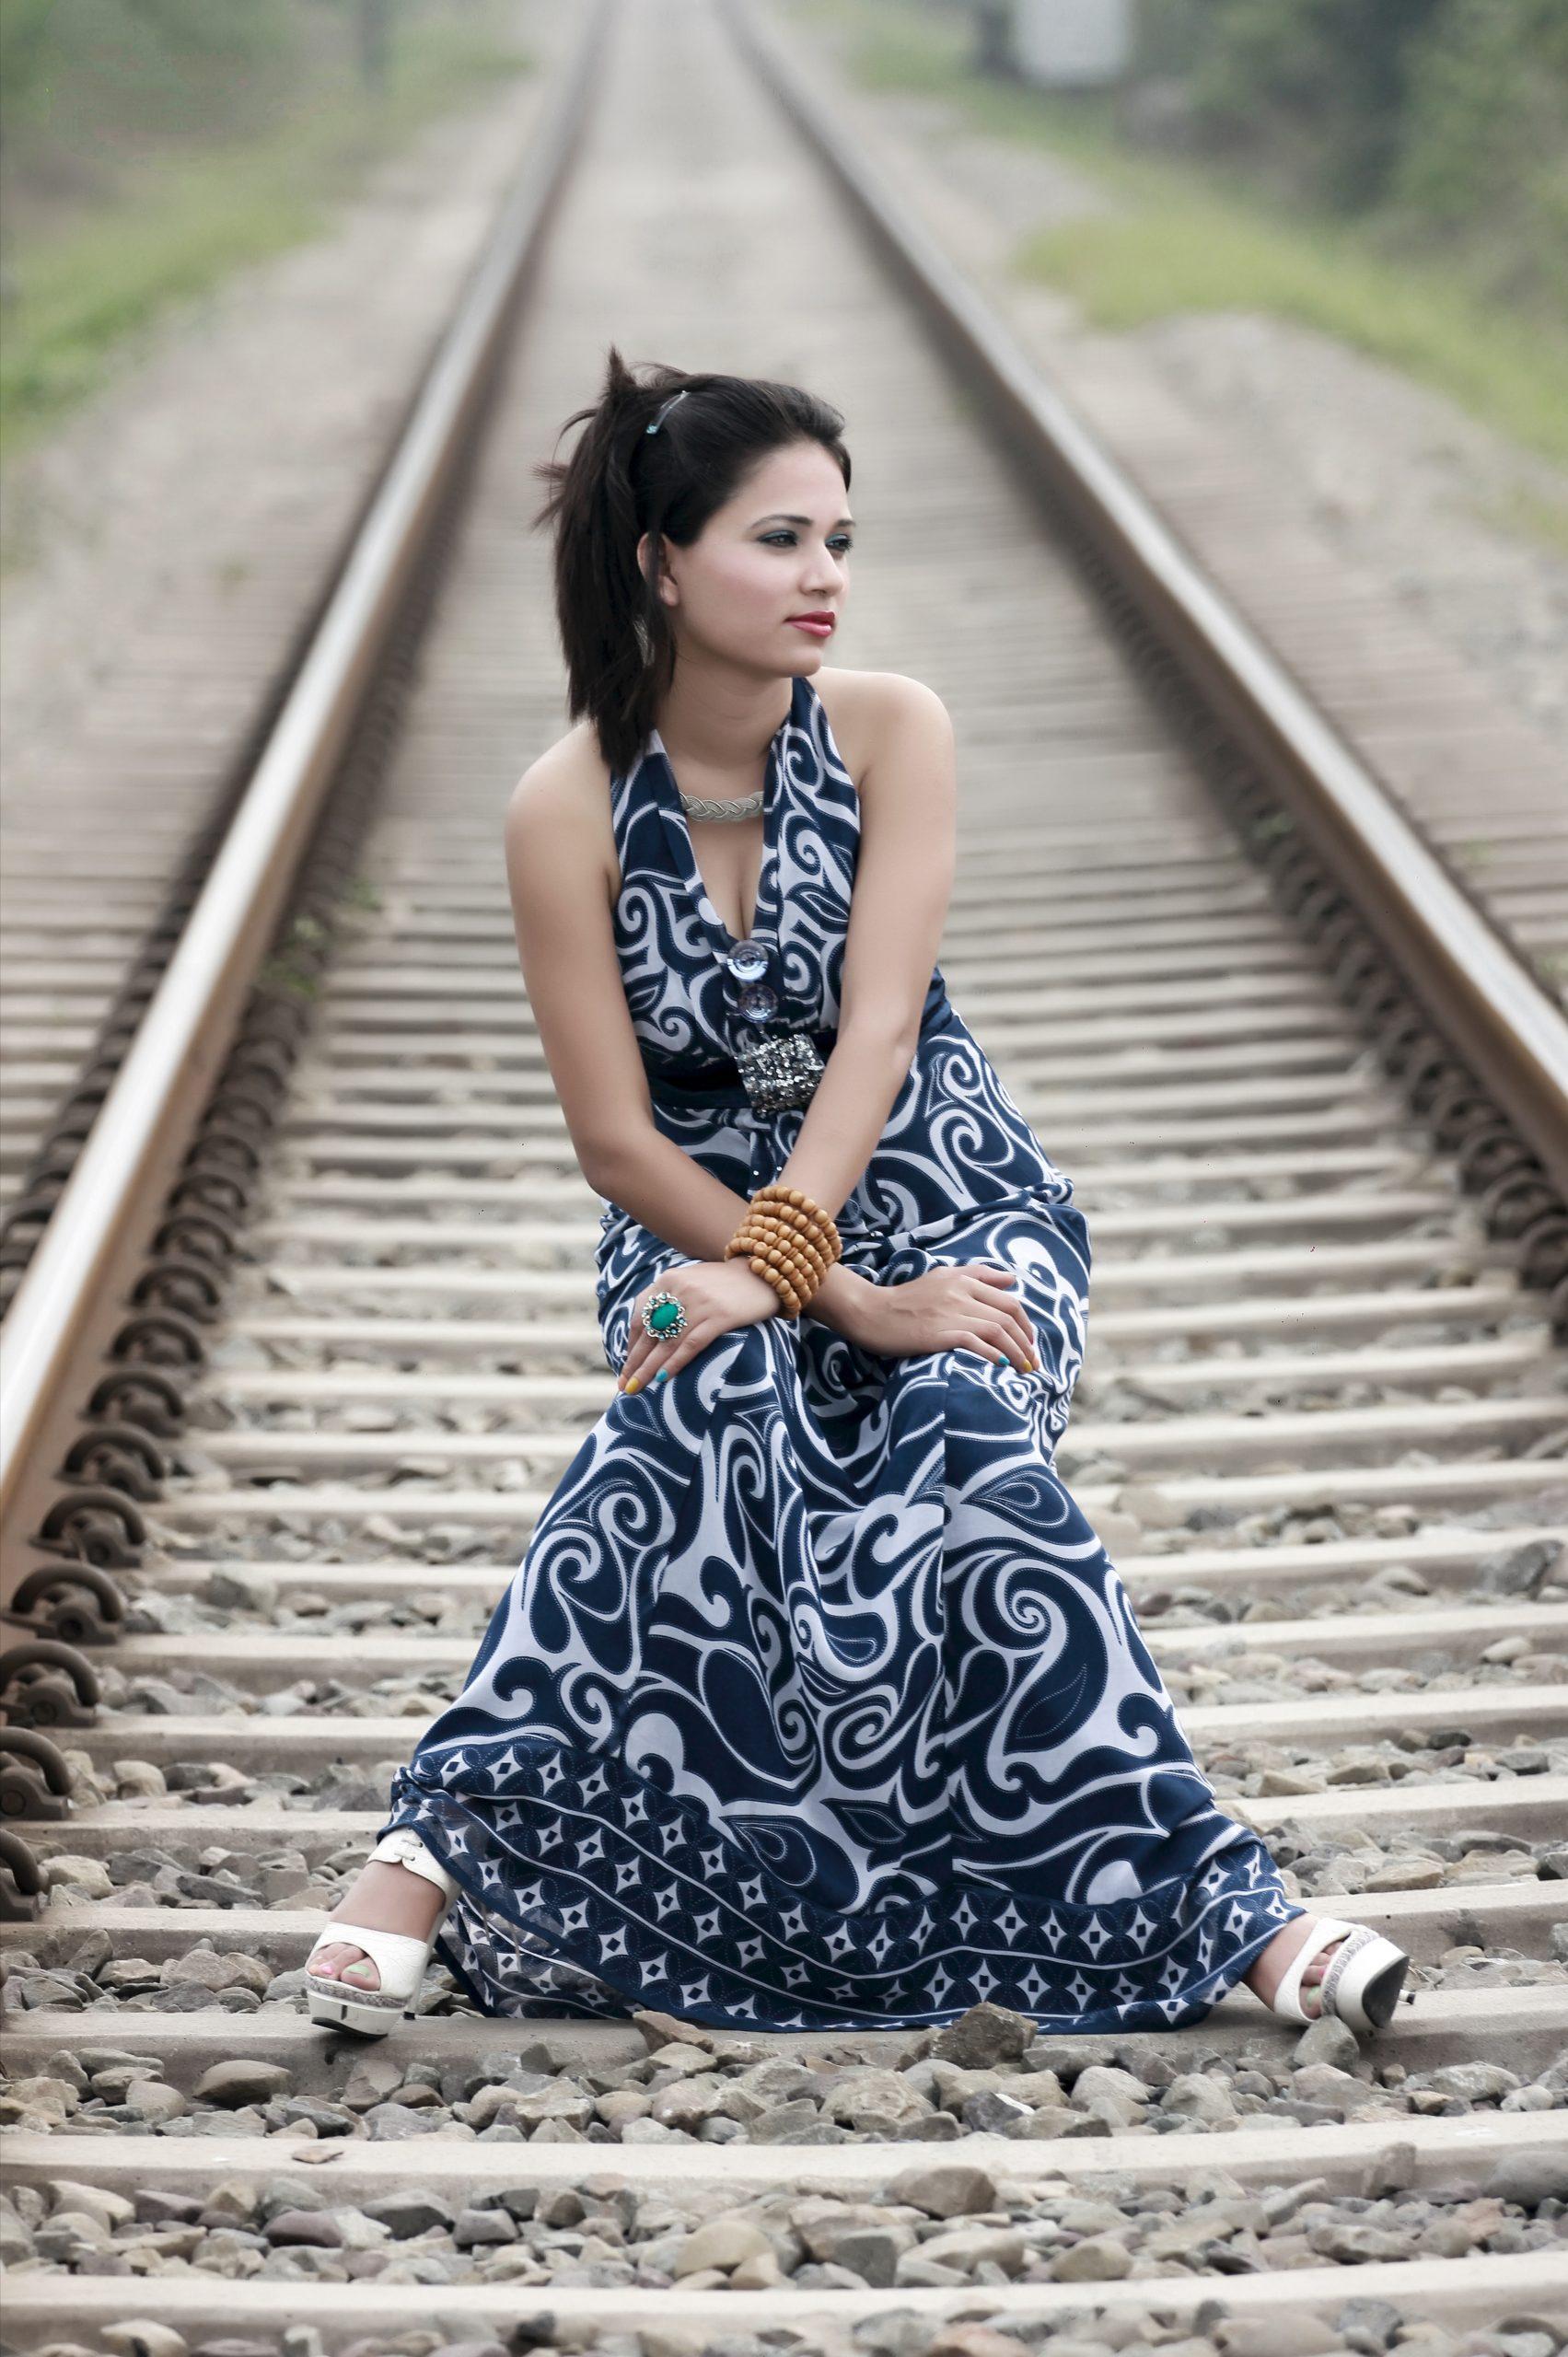 girl posing on railway track